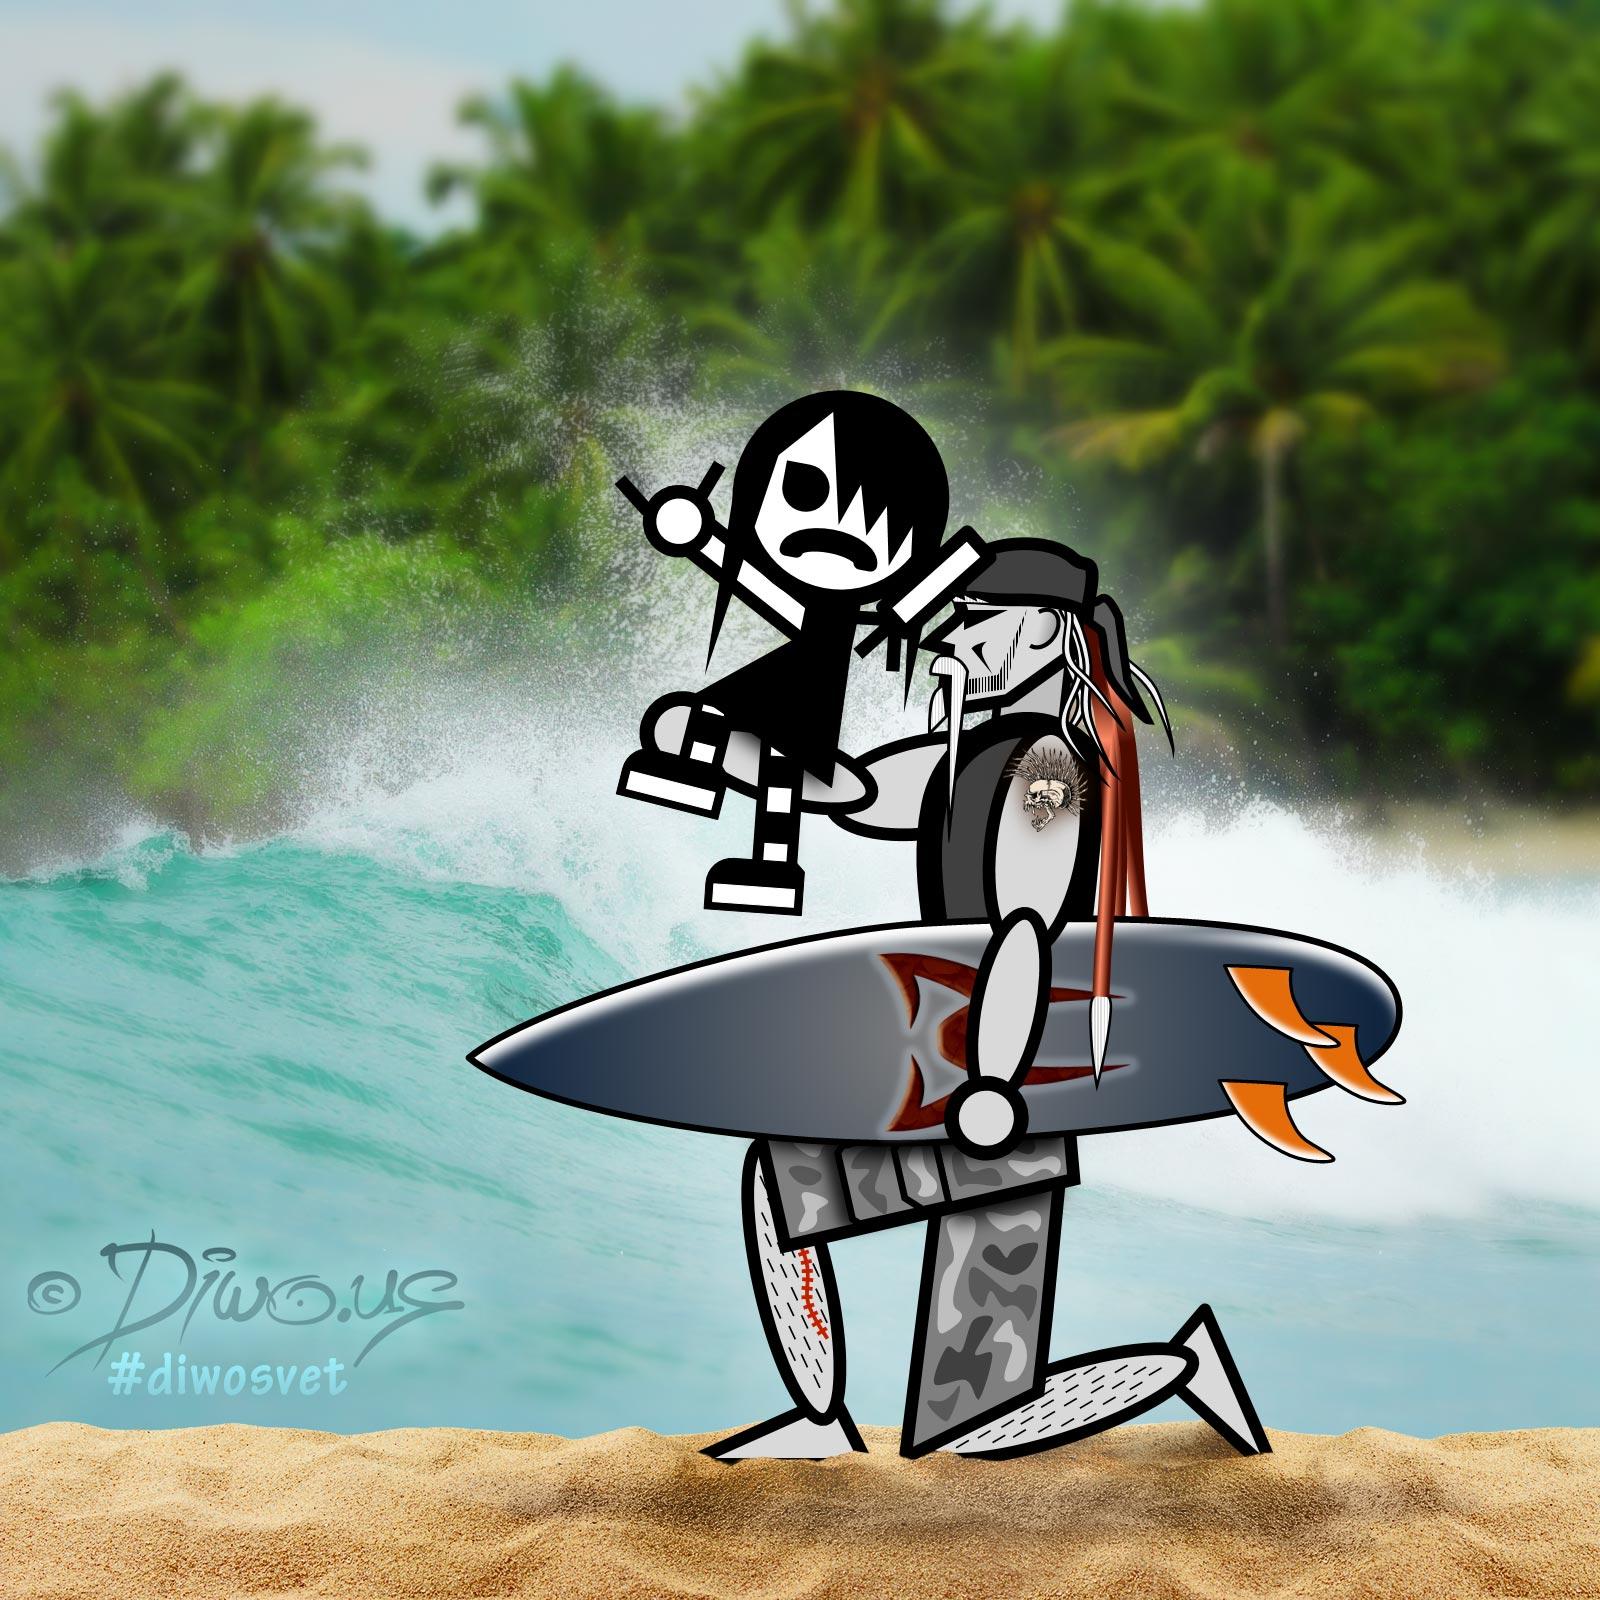 Diwous - Surfing, s Diwousem a Emou okolo světa, tropy, džungle, Karibik, palmy, písek, vlny, obří vlna, surfování, prkno, surf board, palm tree, jungle, sand, big wave